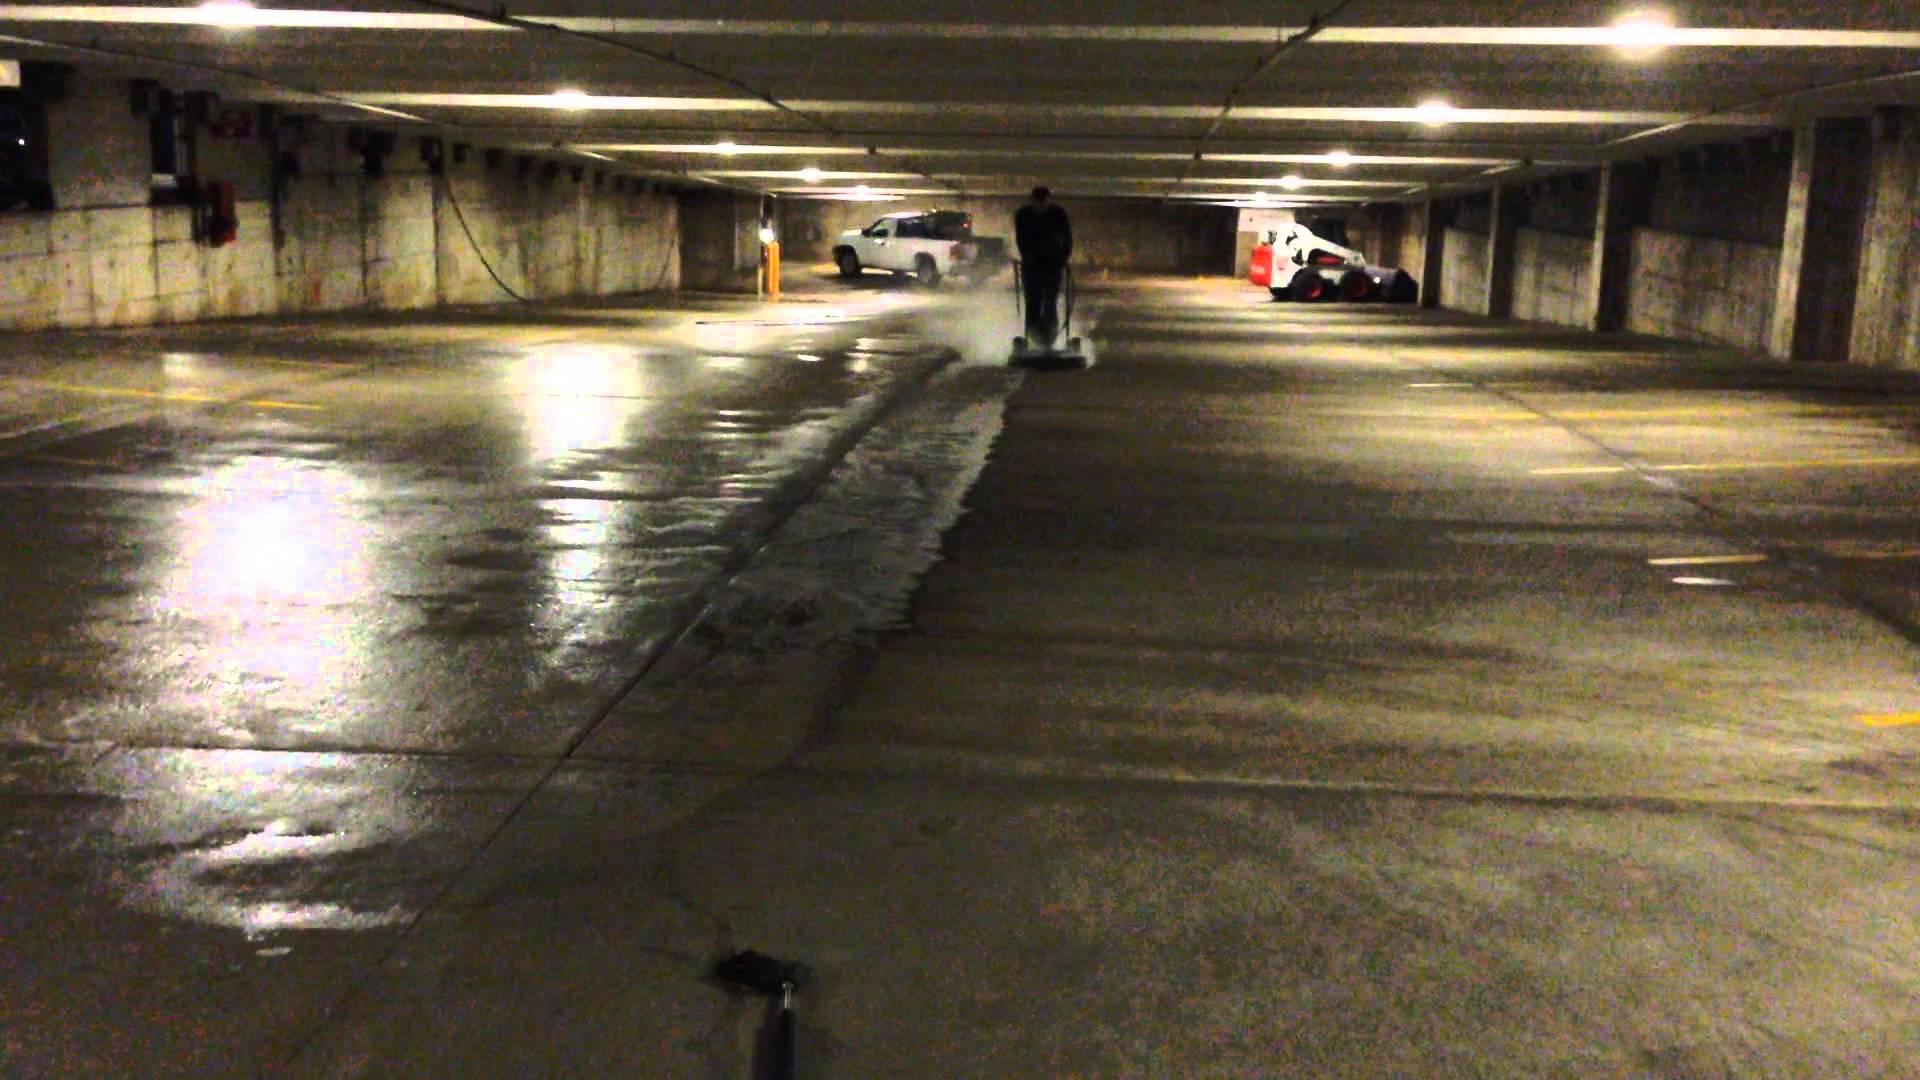 concrete parking garage pressure washing chciago